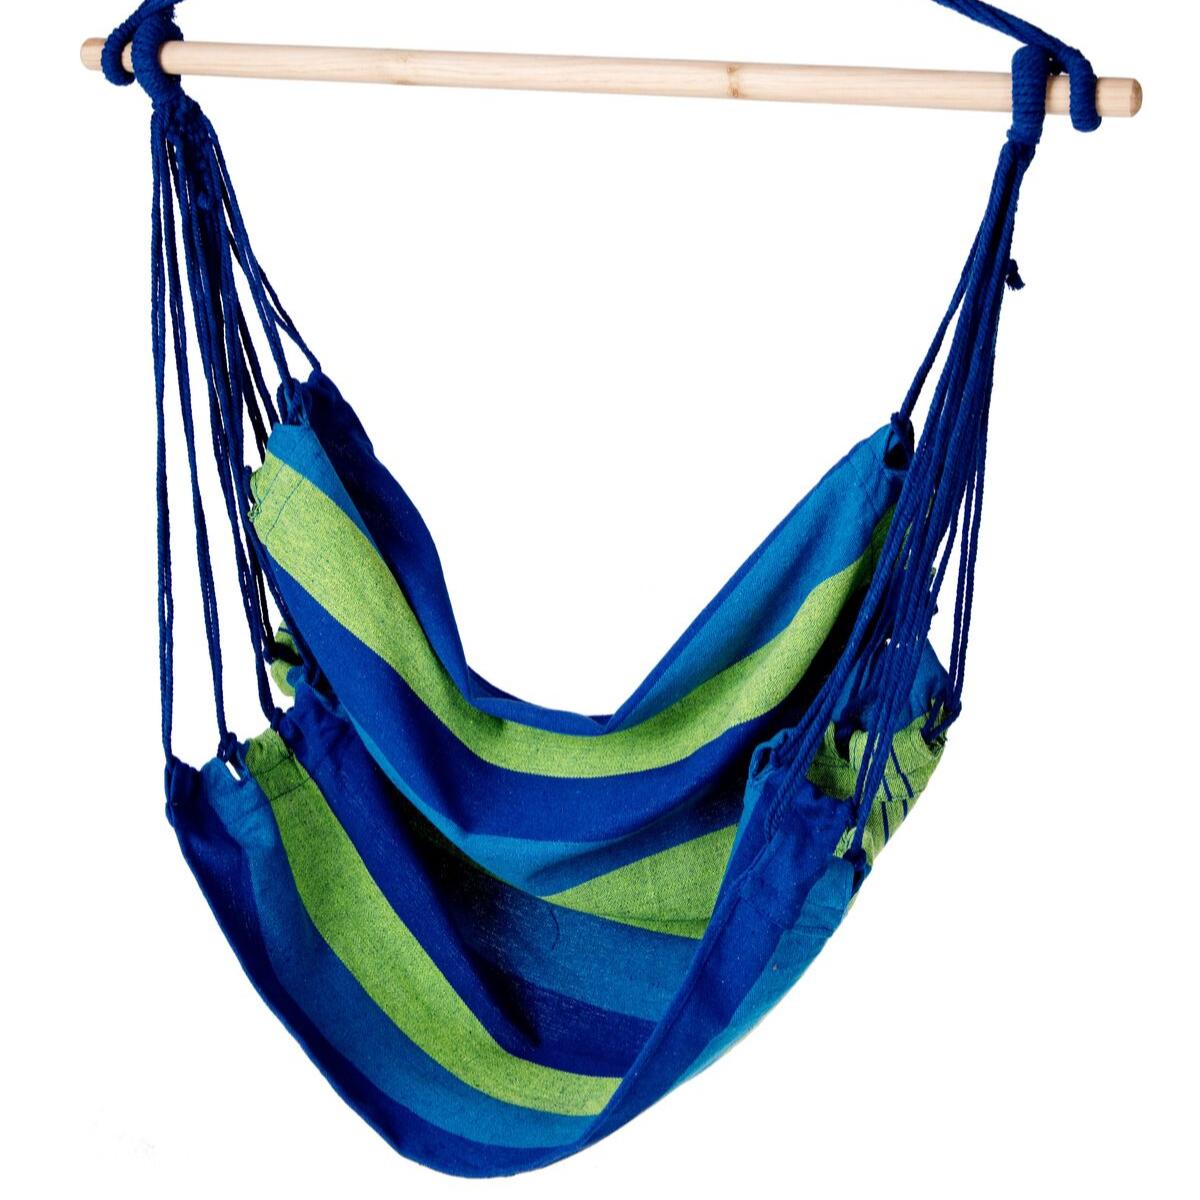 Wiszące krzesło z materiału płóciennego w pięknym niebiesko-zielonym kolorze.